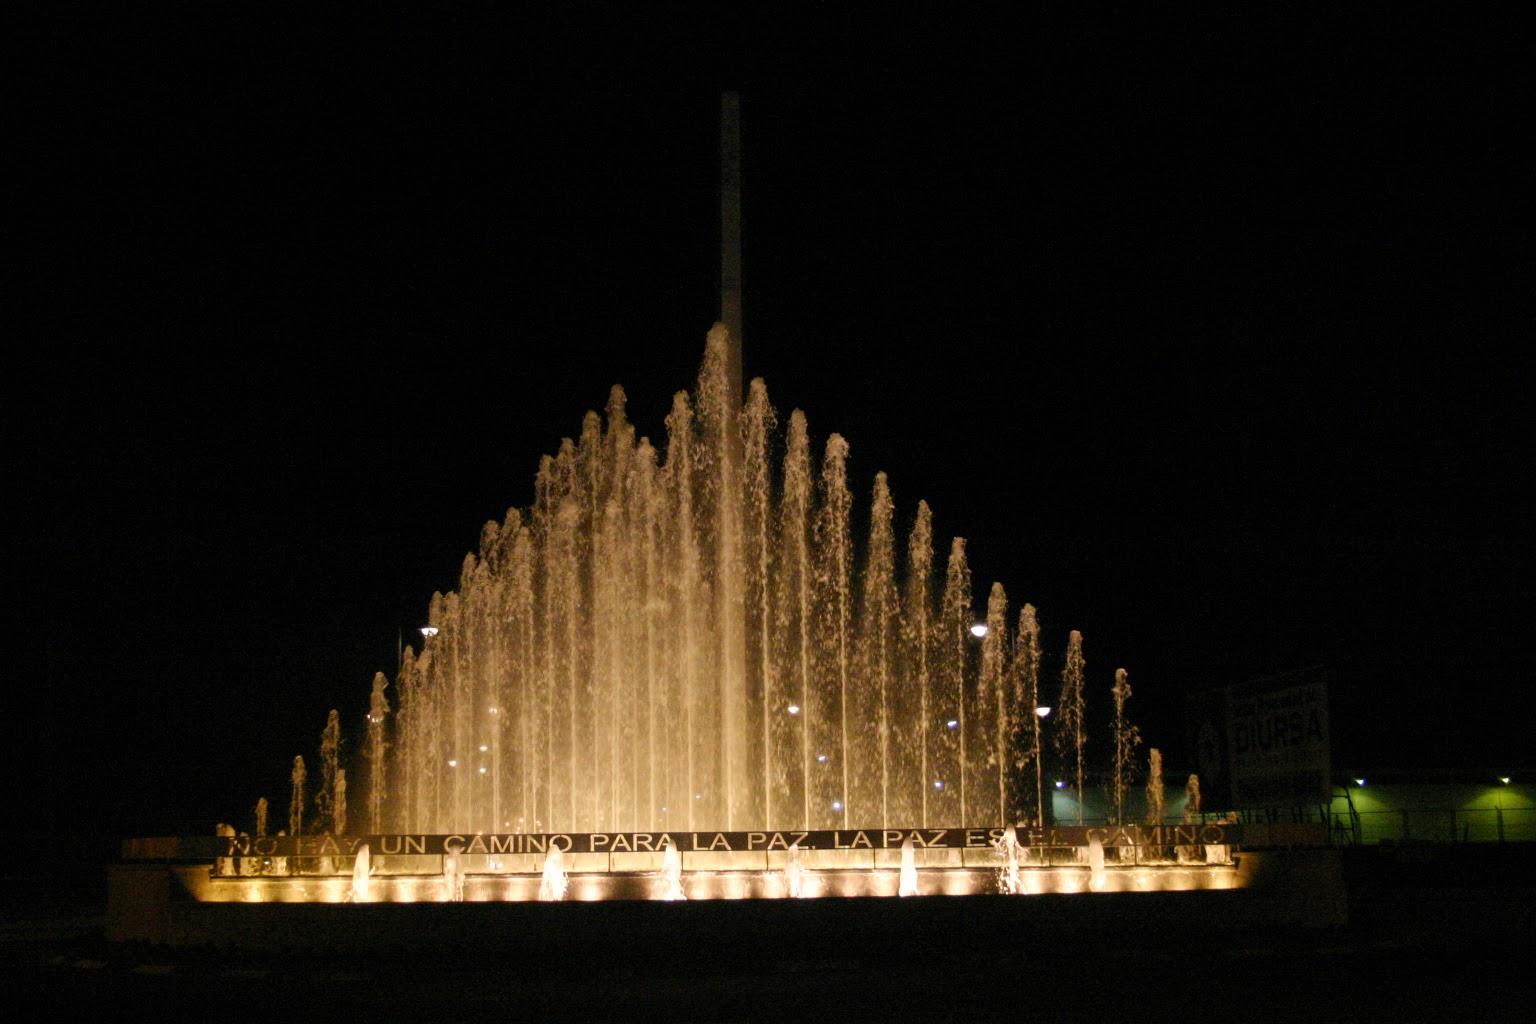 Monumento en memoria de las víctimas del 11-M